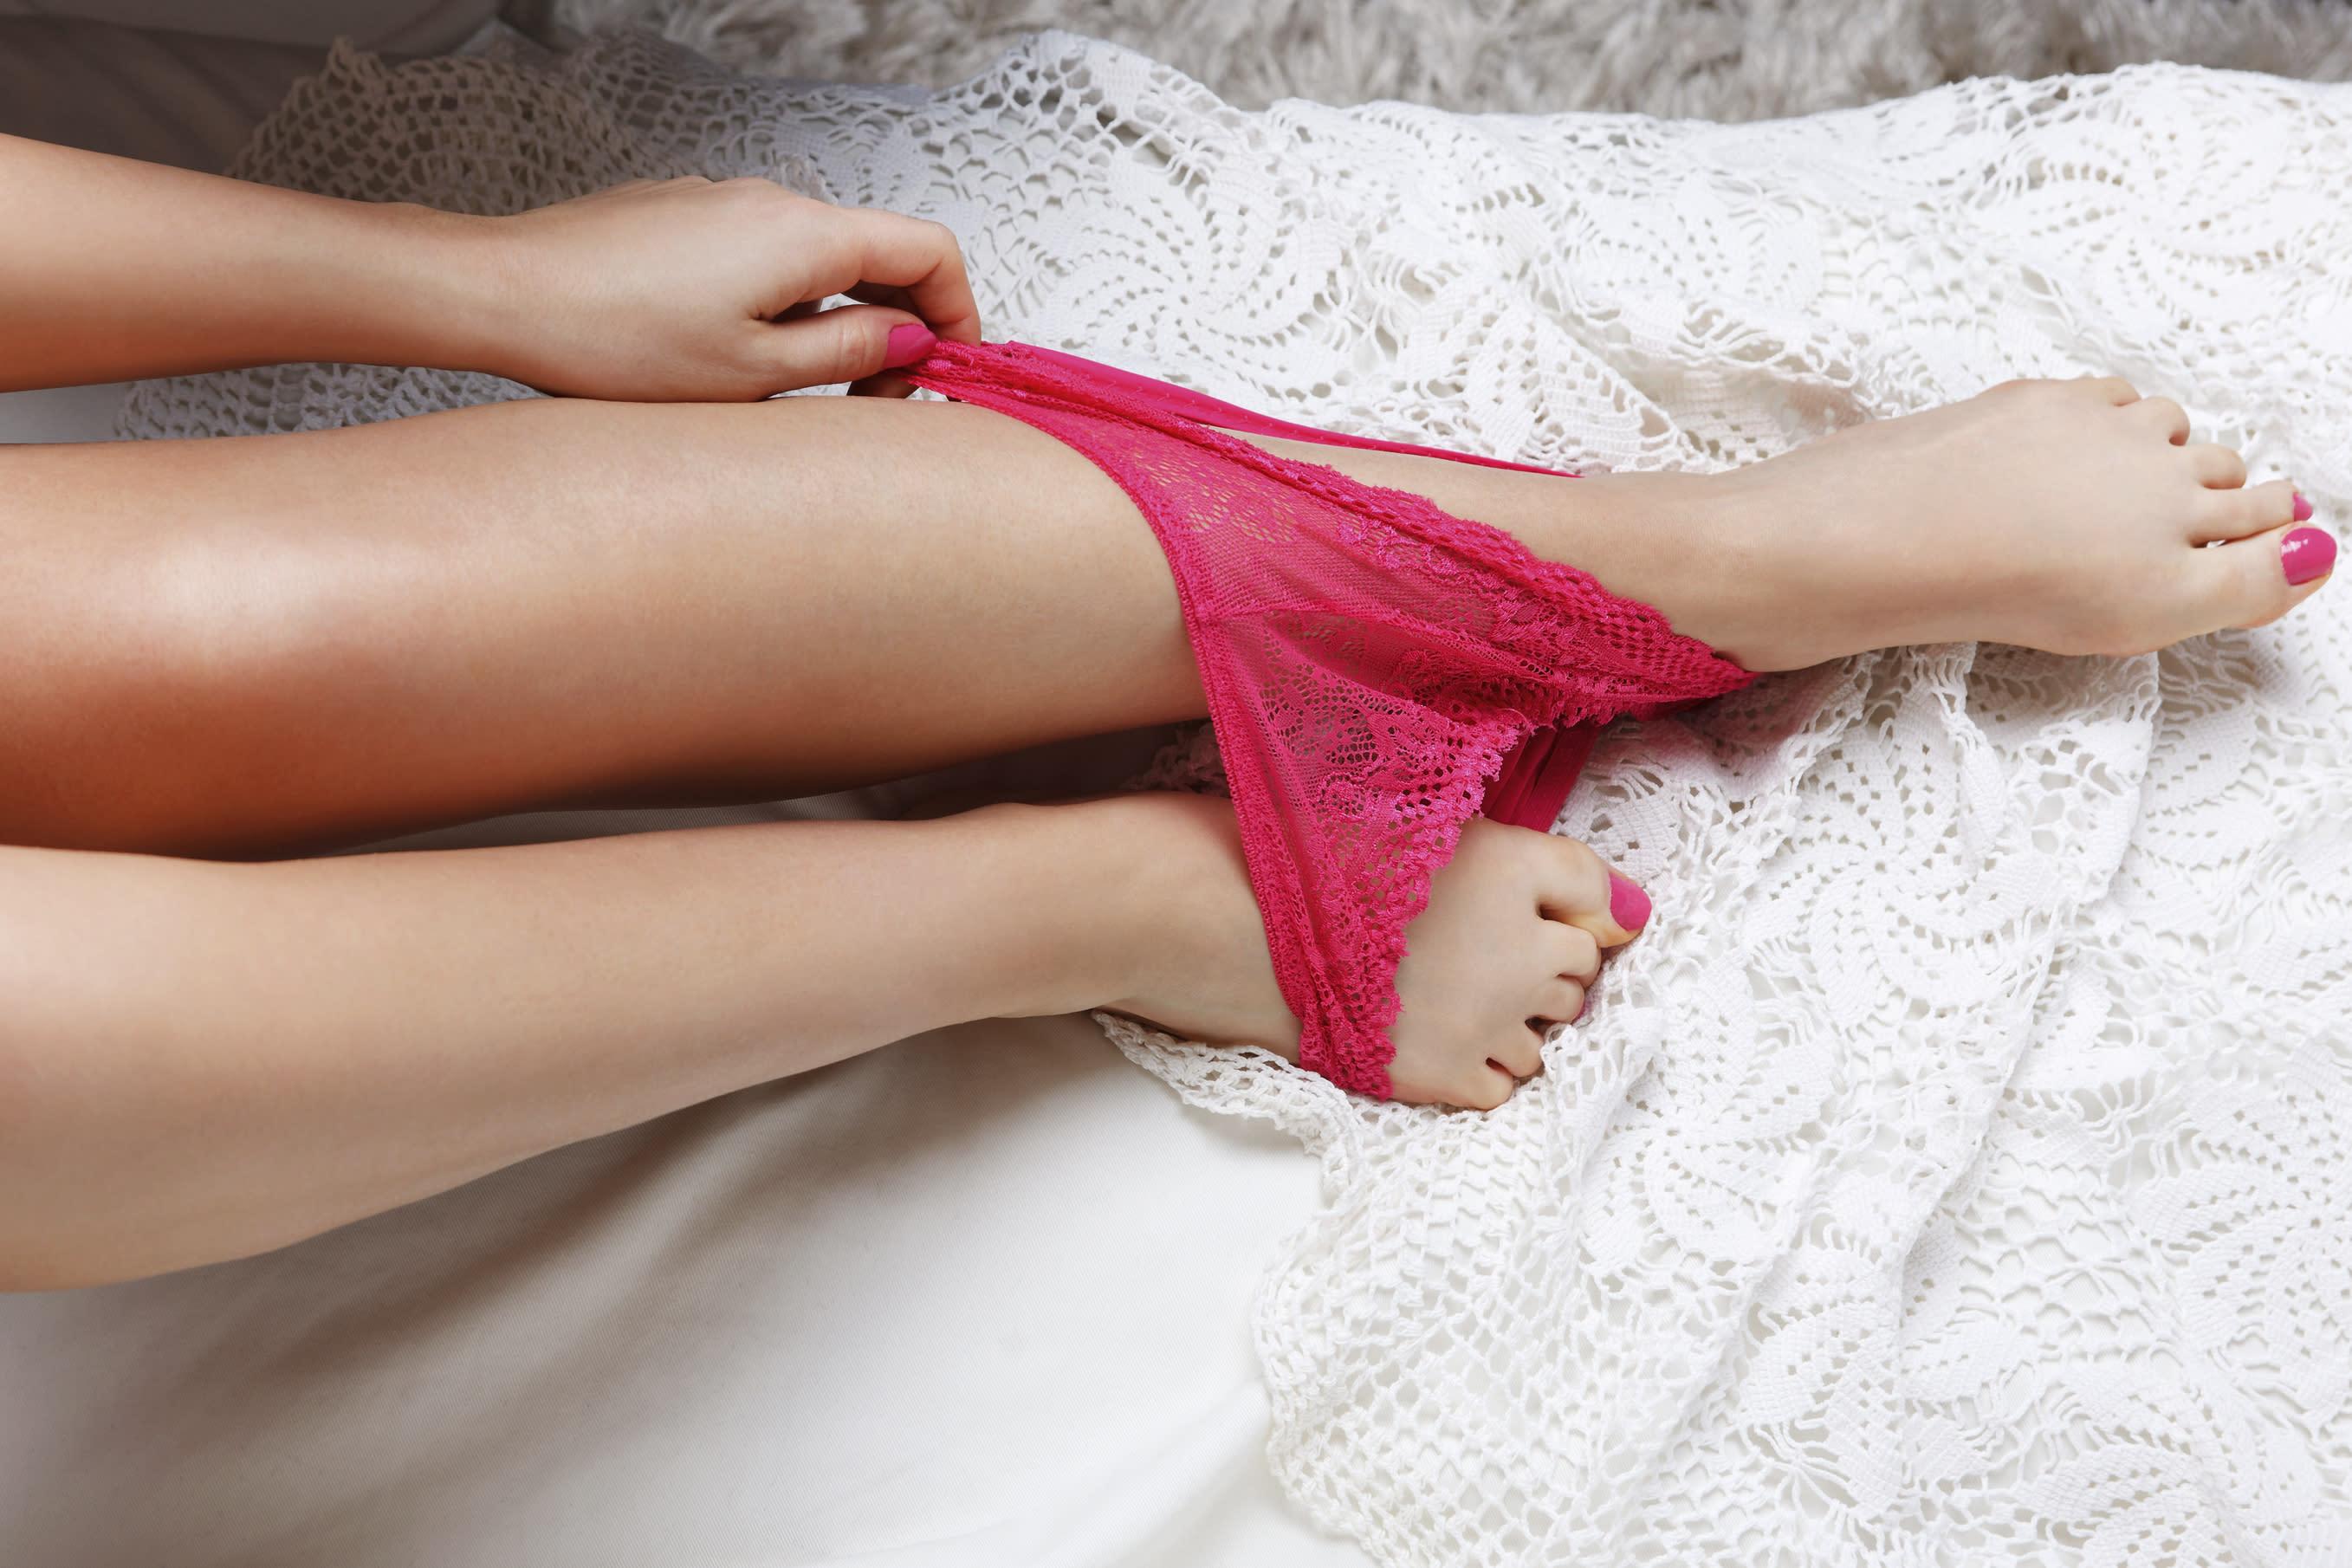 Orgasmos De Chicas los movimientos exactos para que ella llegue al orgasmo